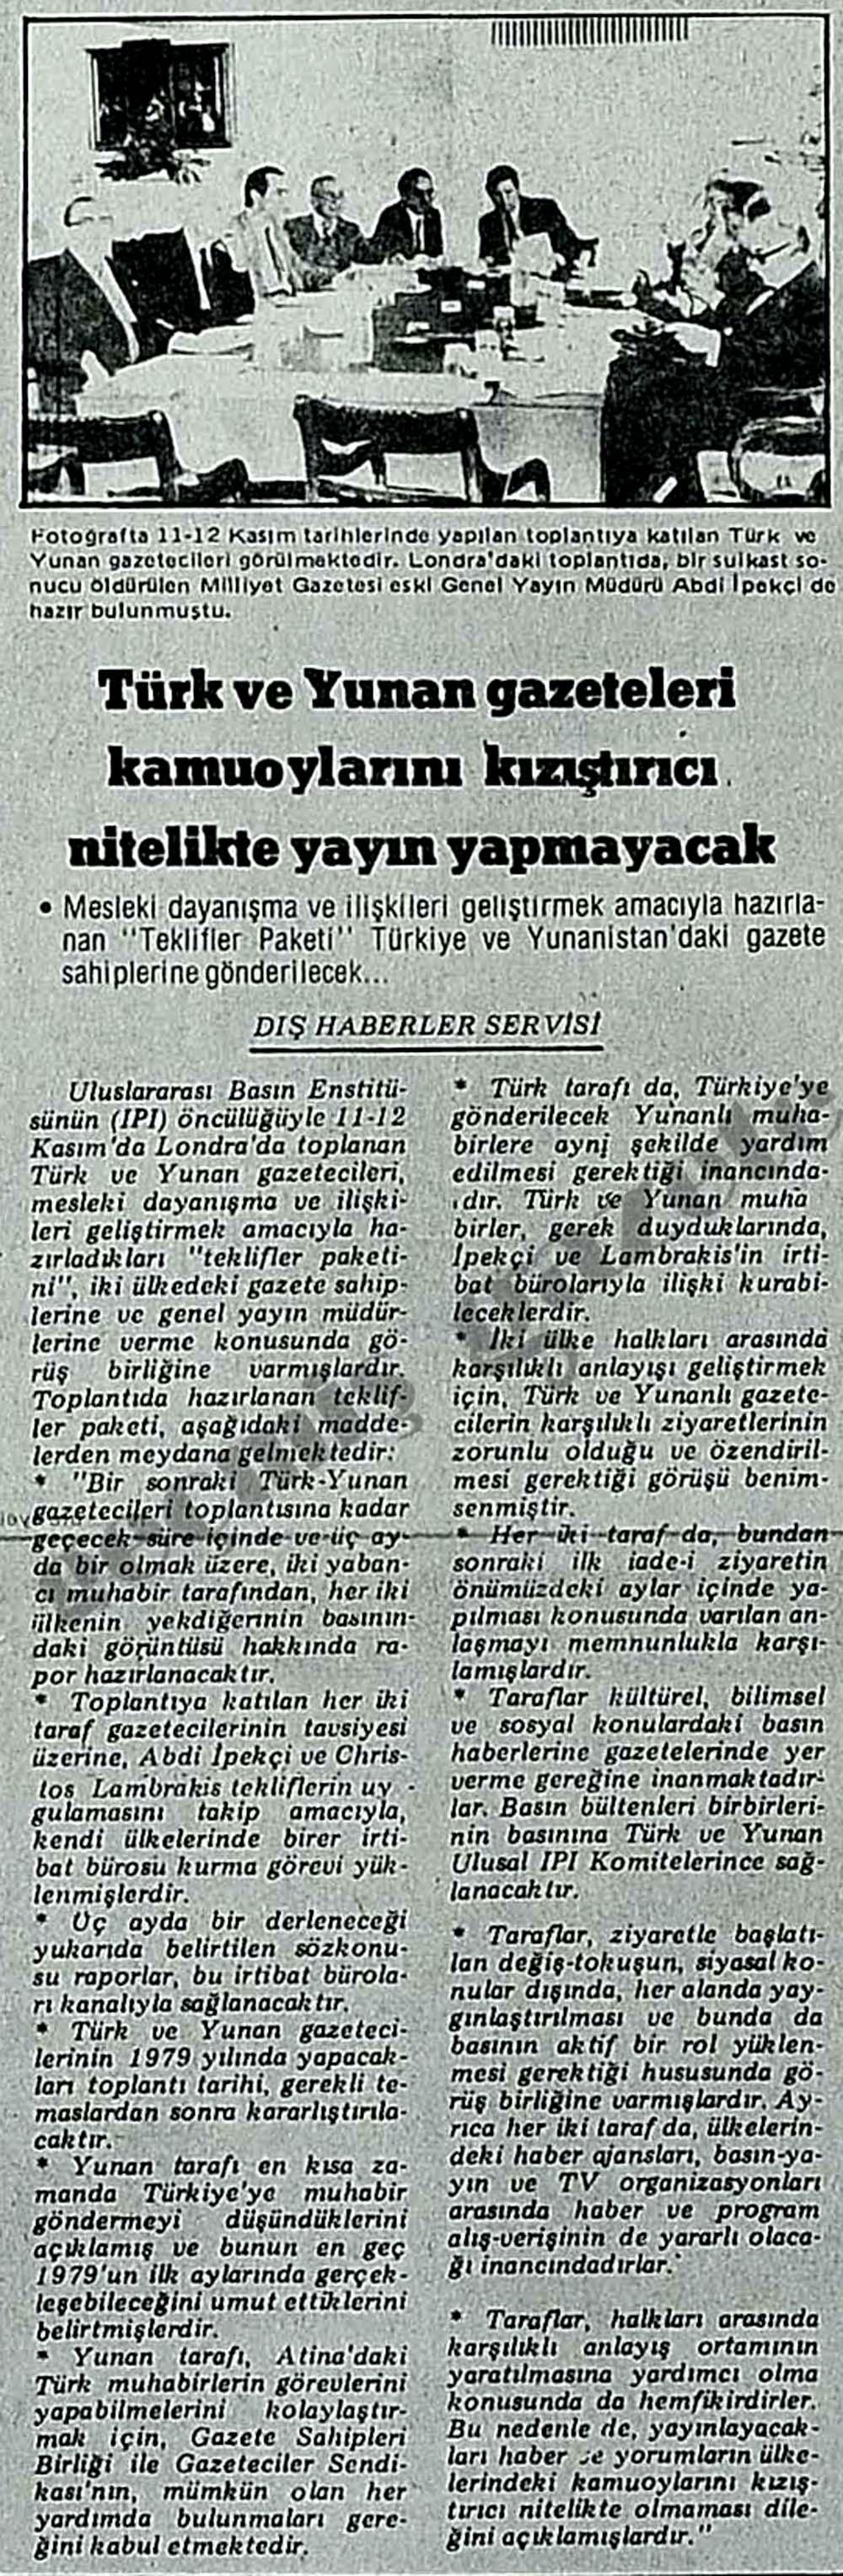 Türk ve Yunan gazeteleri kamuoylarını kızıştırıcı nitelikte yayın yapmayacak